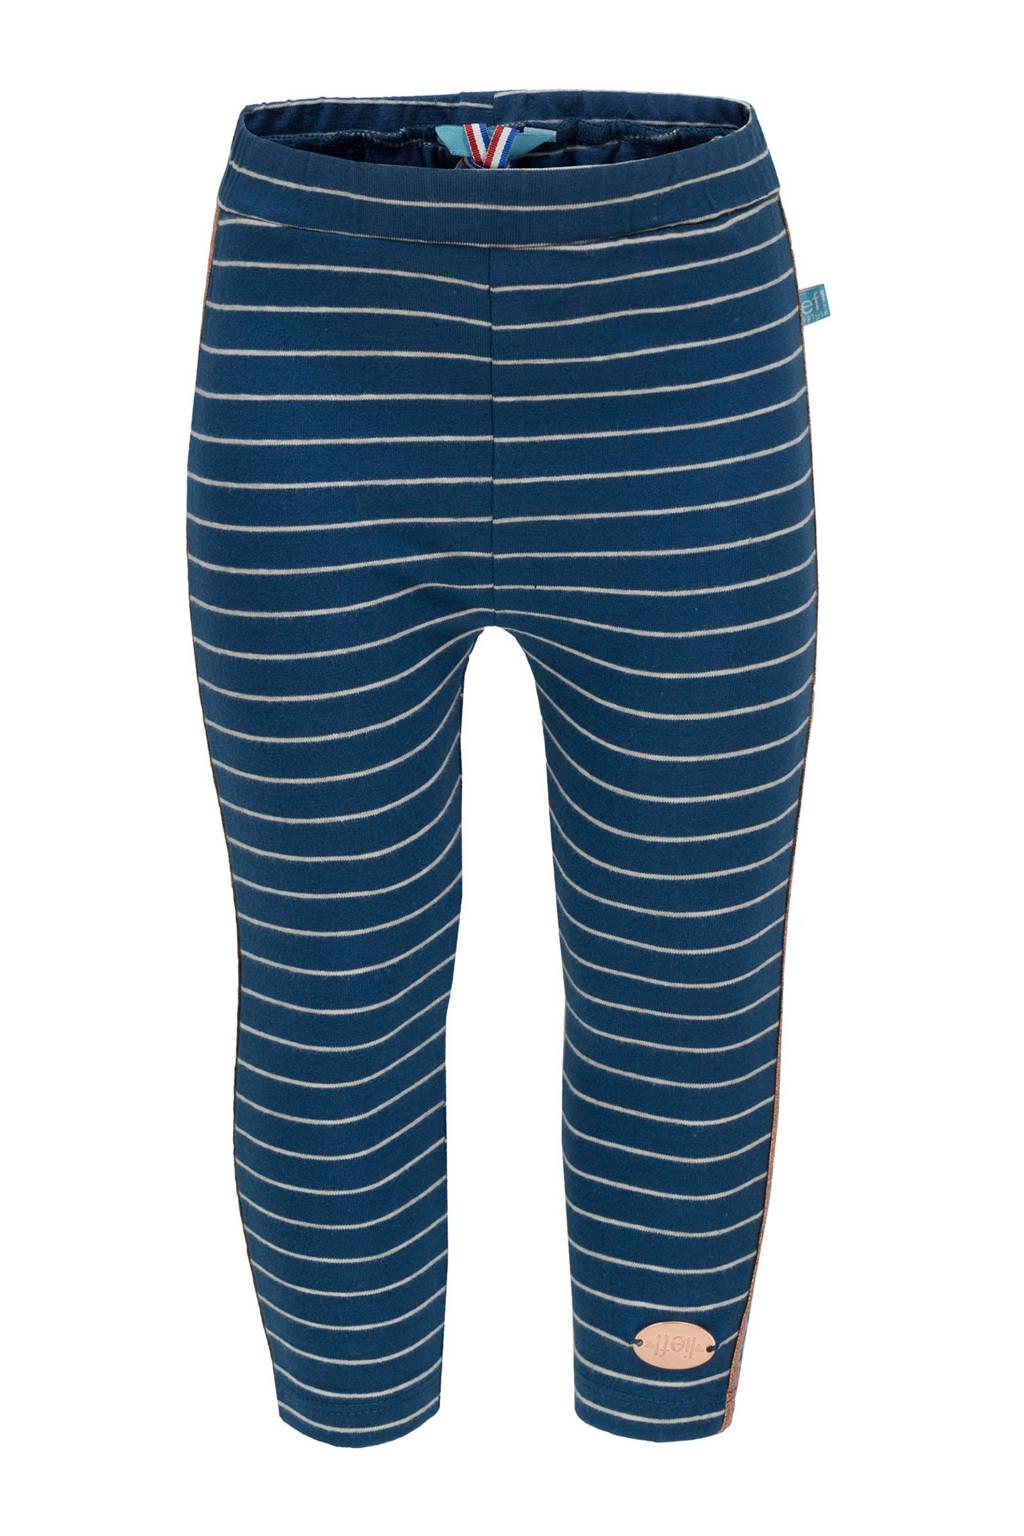 lief! gestreepte legging met zijstreep blauw, Donkerblauw